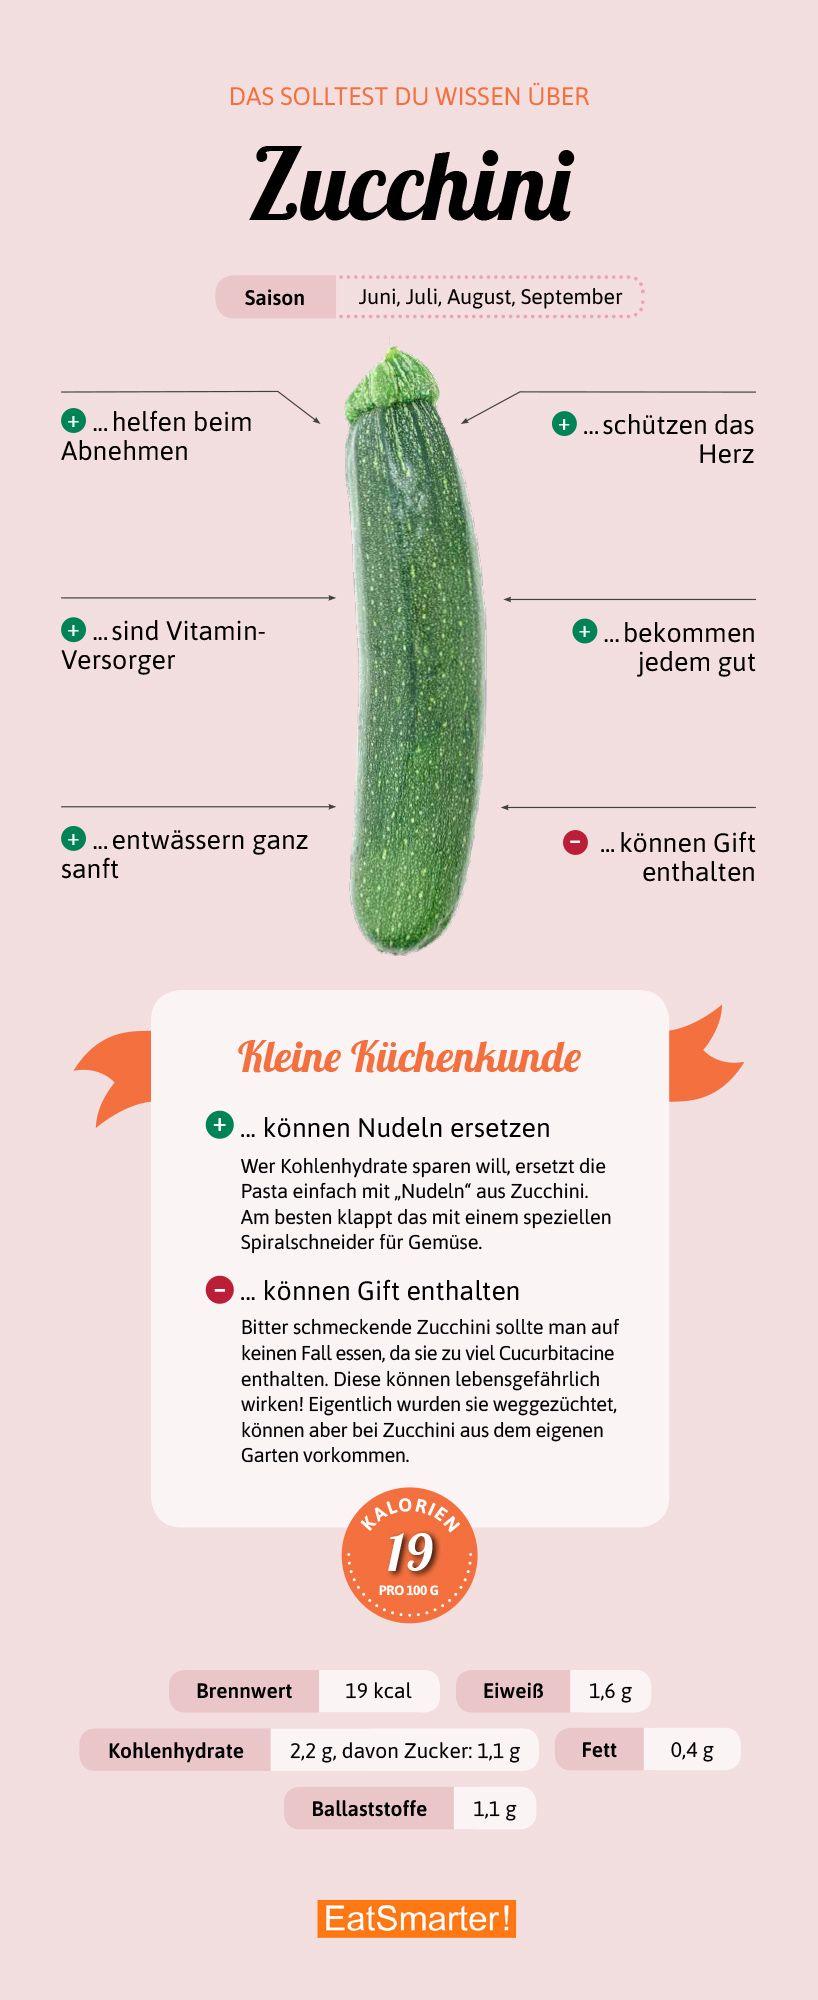 Darum sind Zucchini gut für dich! #obstgemüse